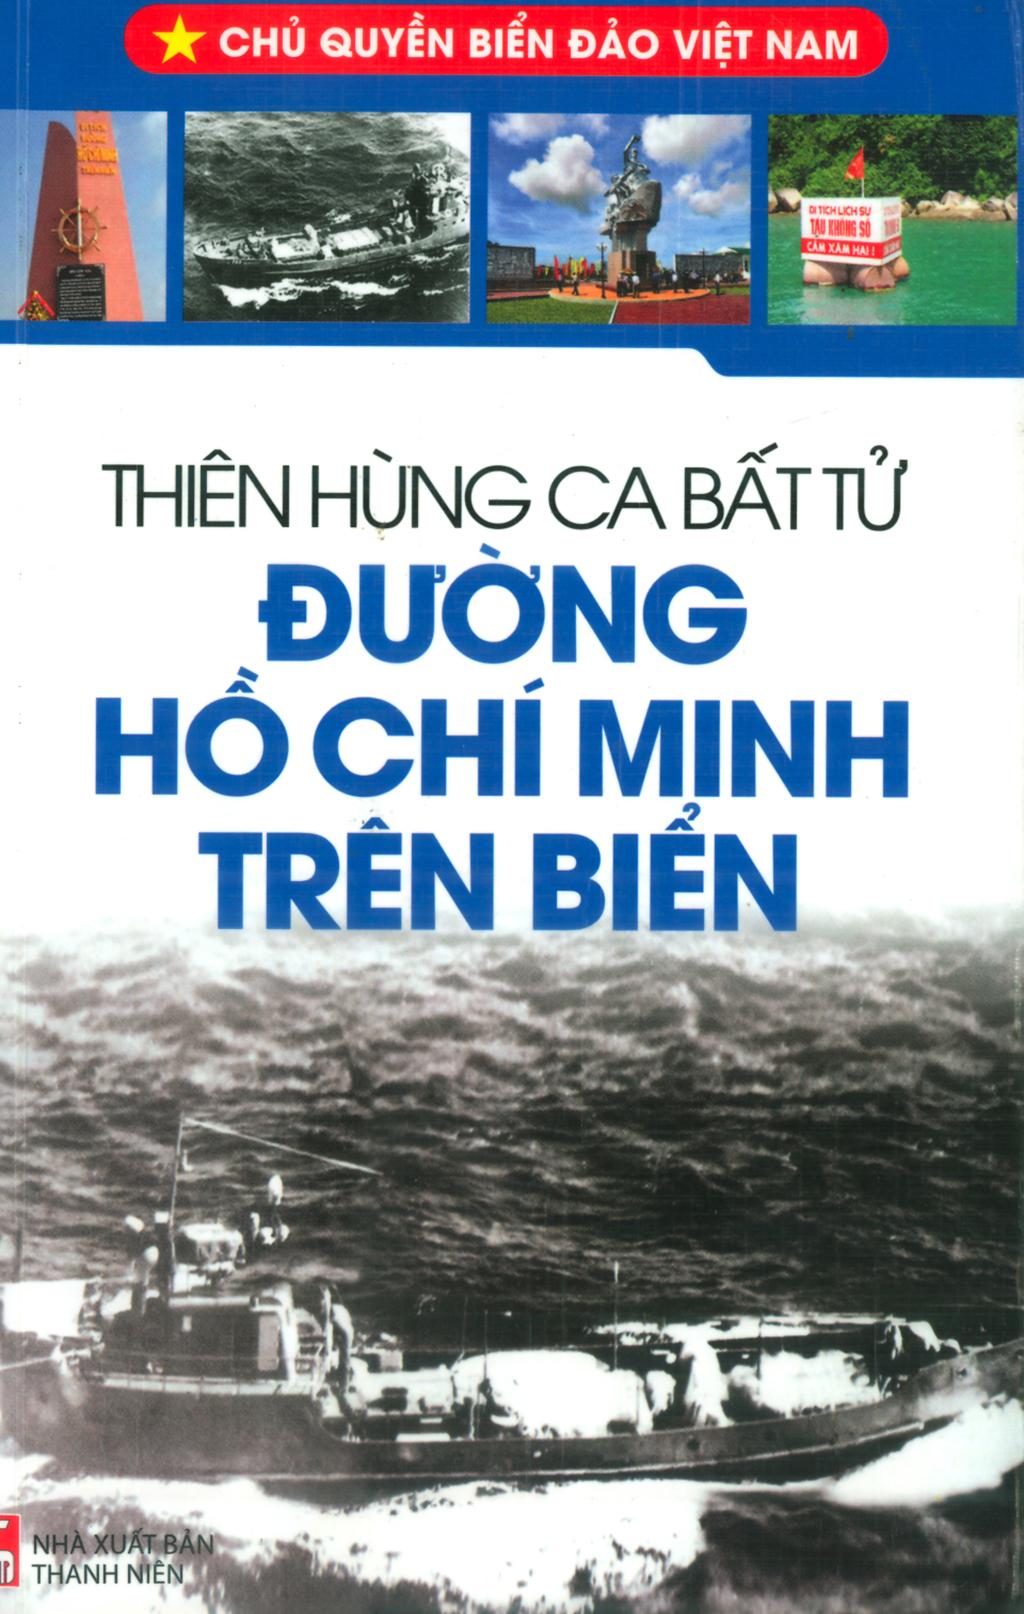 Thiên hùng ca Bất tử Đường Hồ Chí Minh trên biển